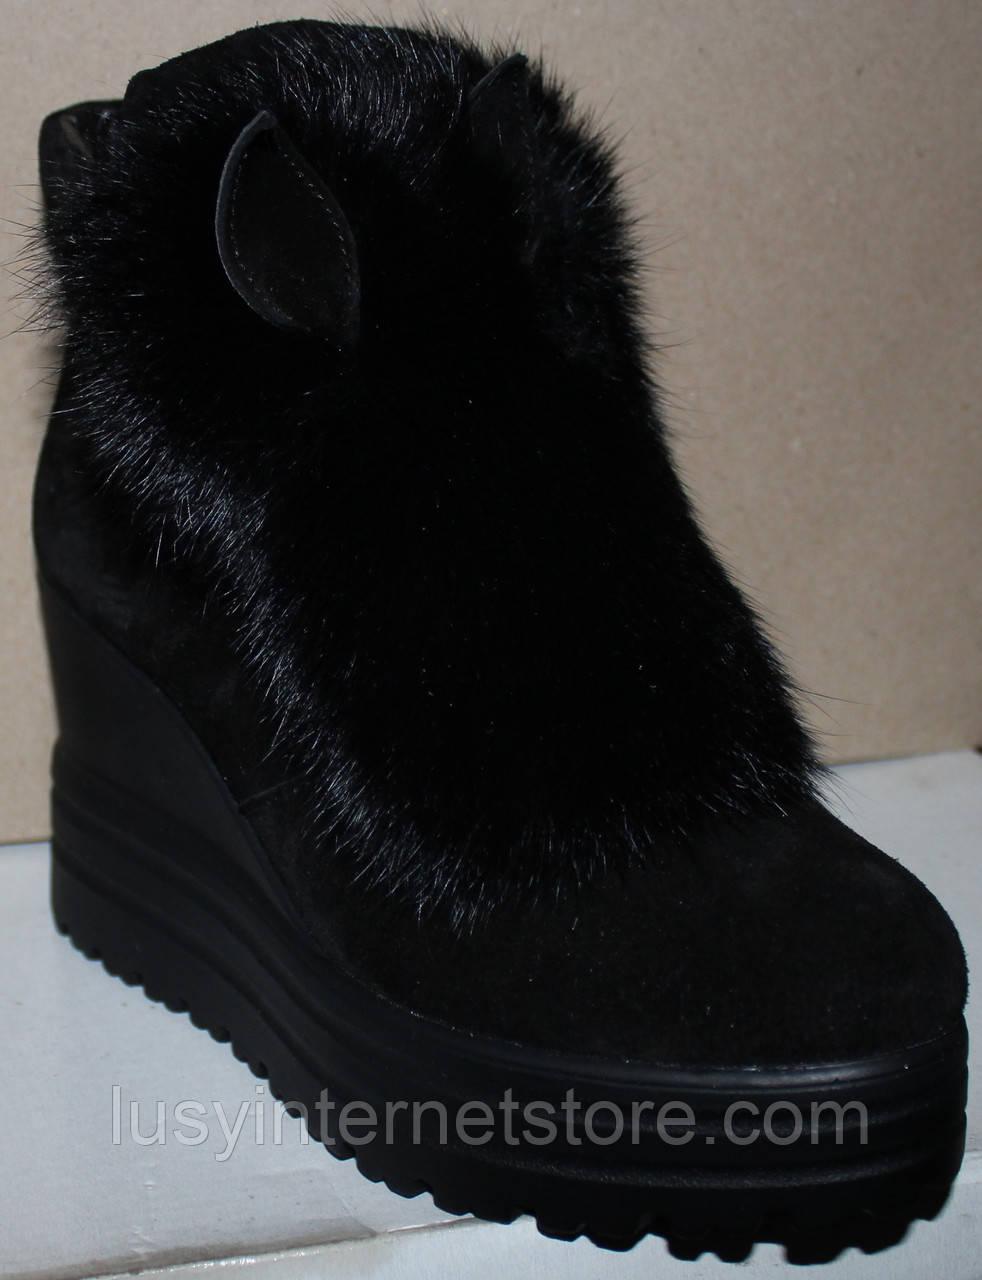 59e371cb Молодежные зимние ботинки с мехом на танкетке, замшевые ботинки зимние от  производителя модель УН428- ...